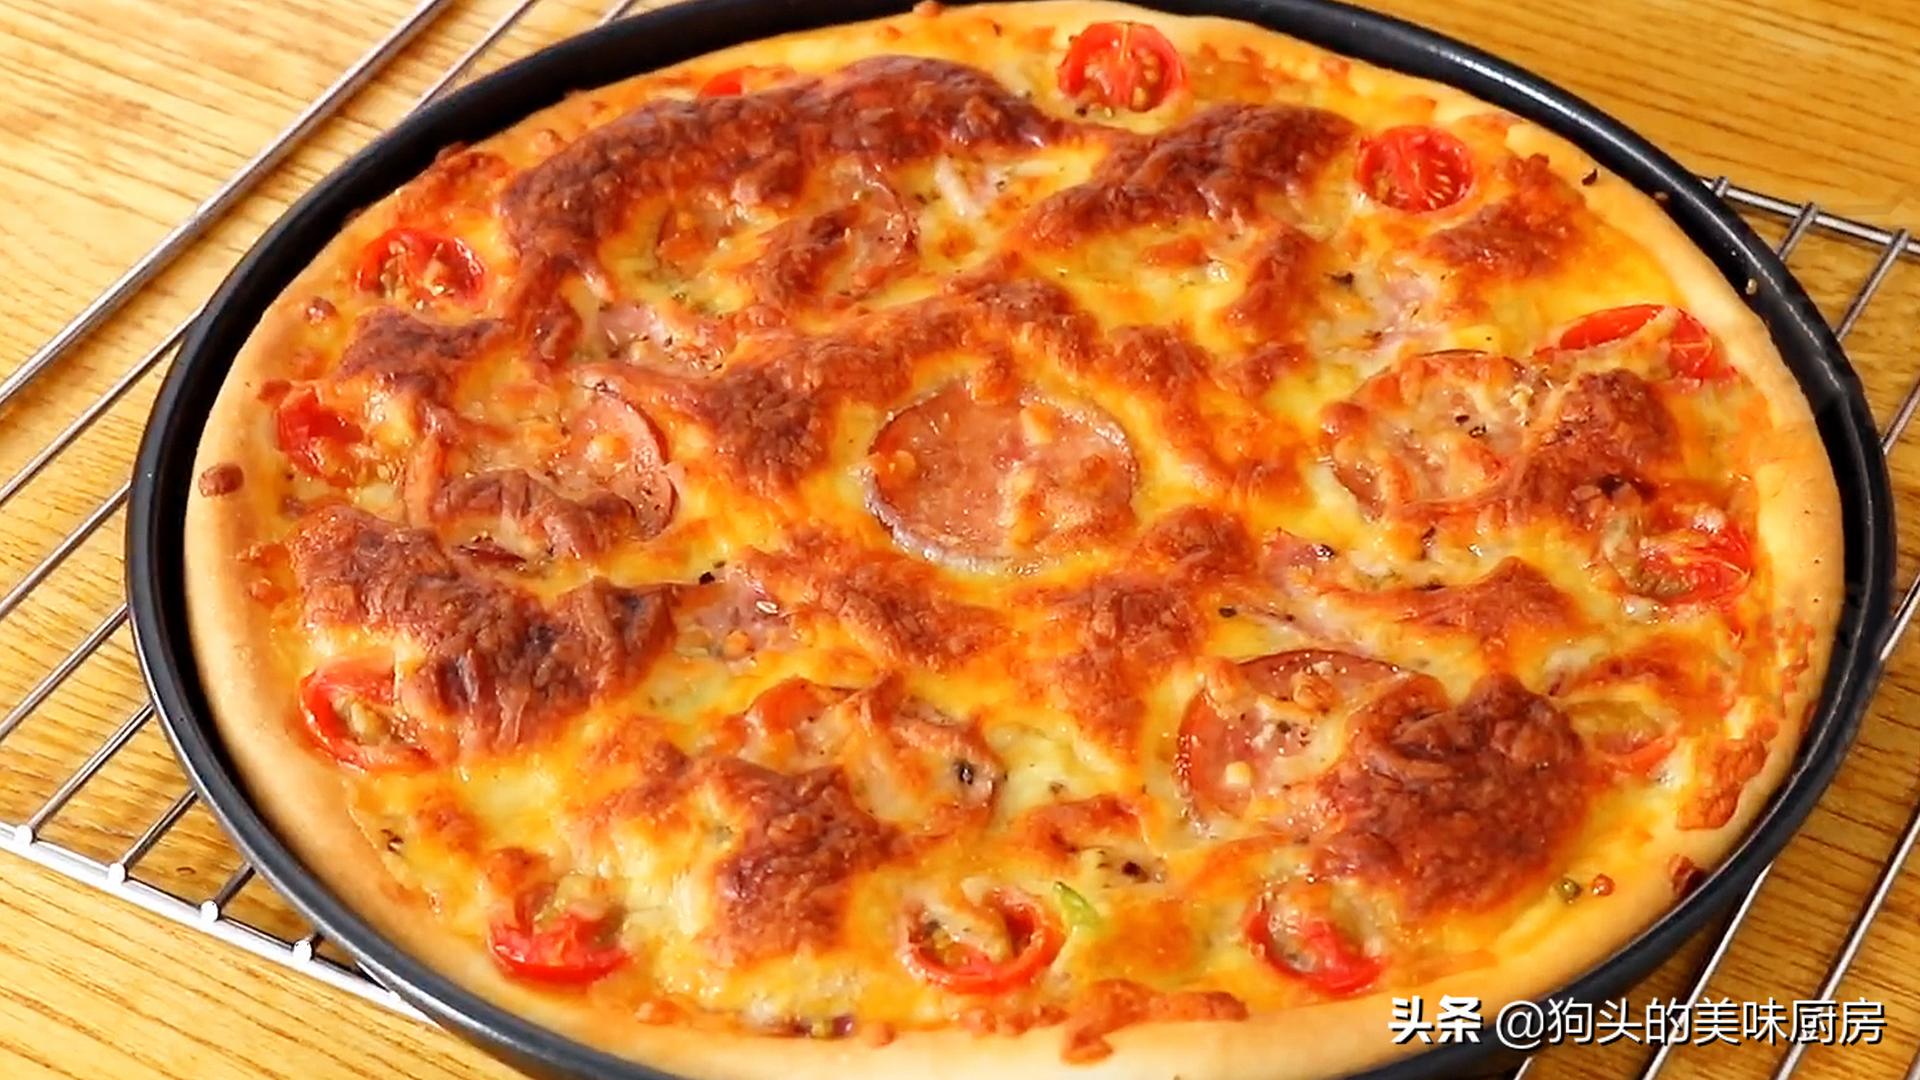 手把手教你在家做披萨,简单易学,绵软可口还拉丝,比买的还好吃 美食做法 第1张